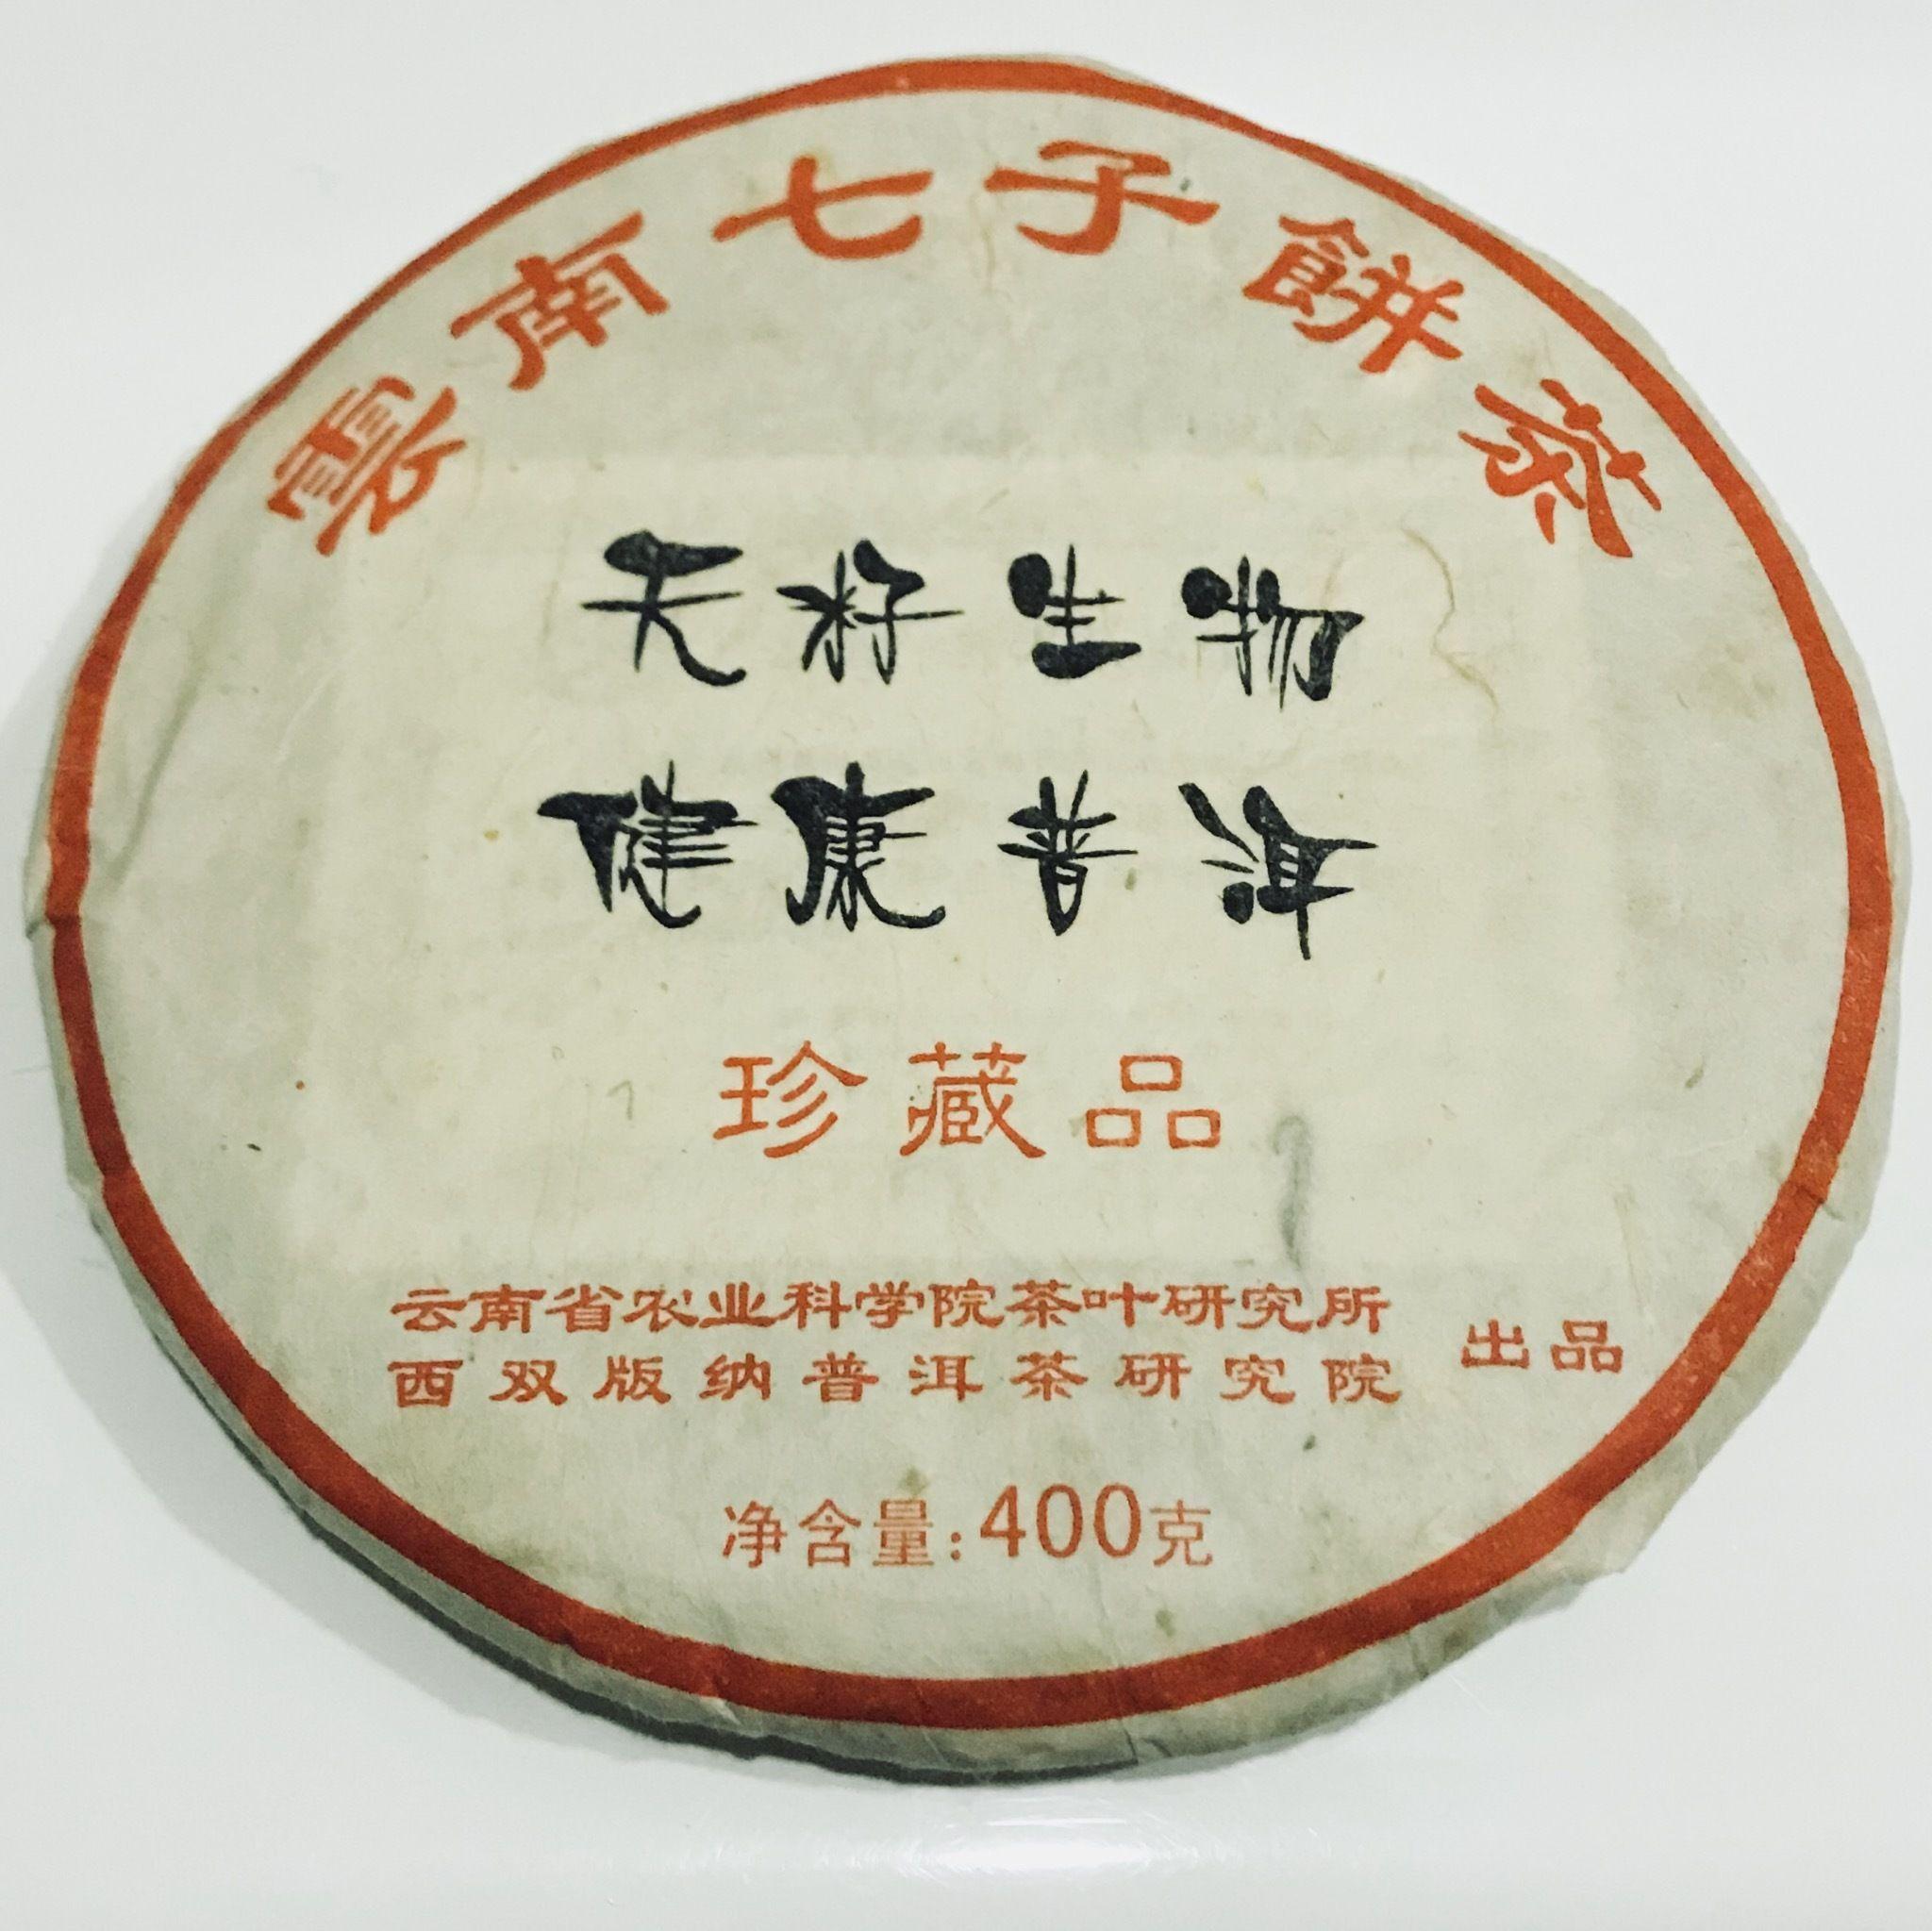 [生][餅][2009]天?生物健康普?(50g)